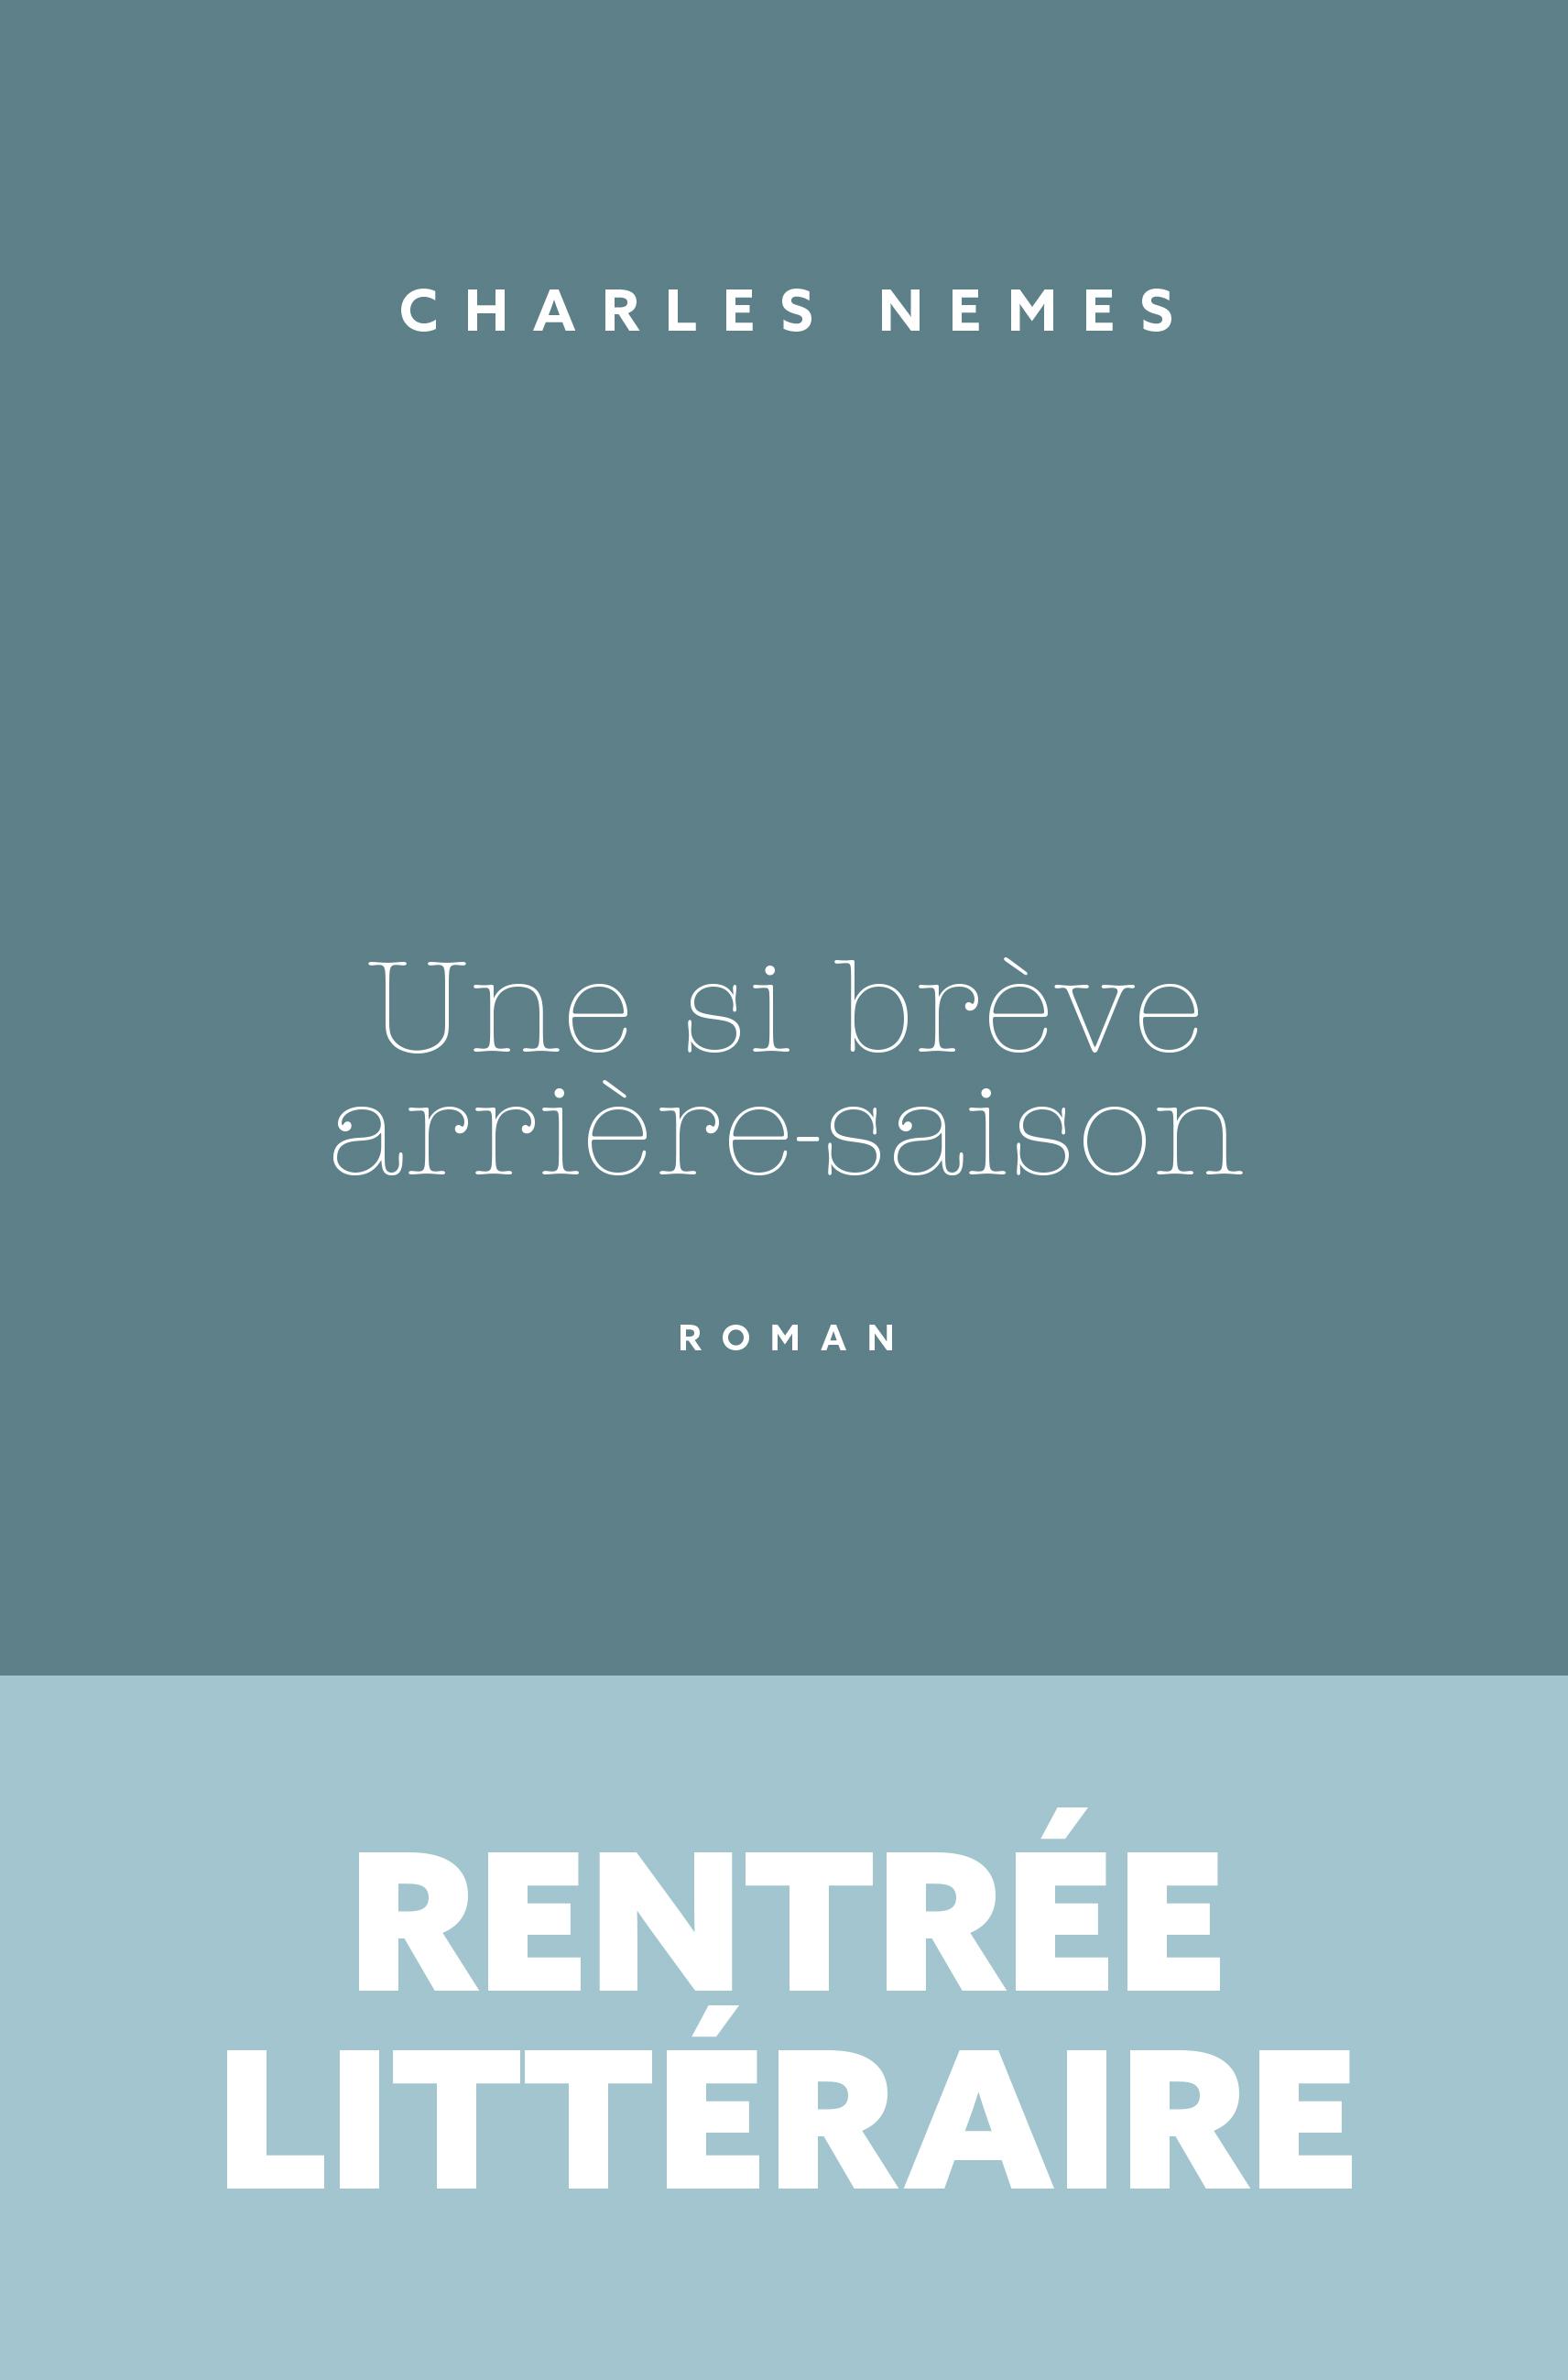 UNE-SI-BREVE-ARRIERE-SAISON_AVEC-BANDEAU